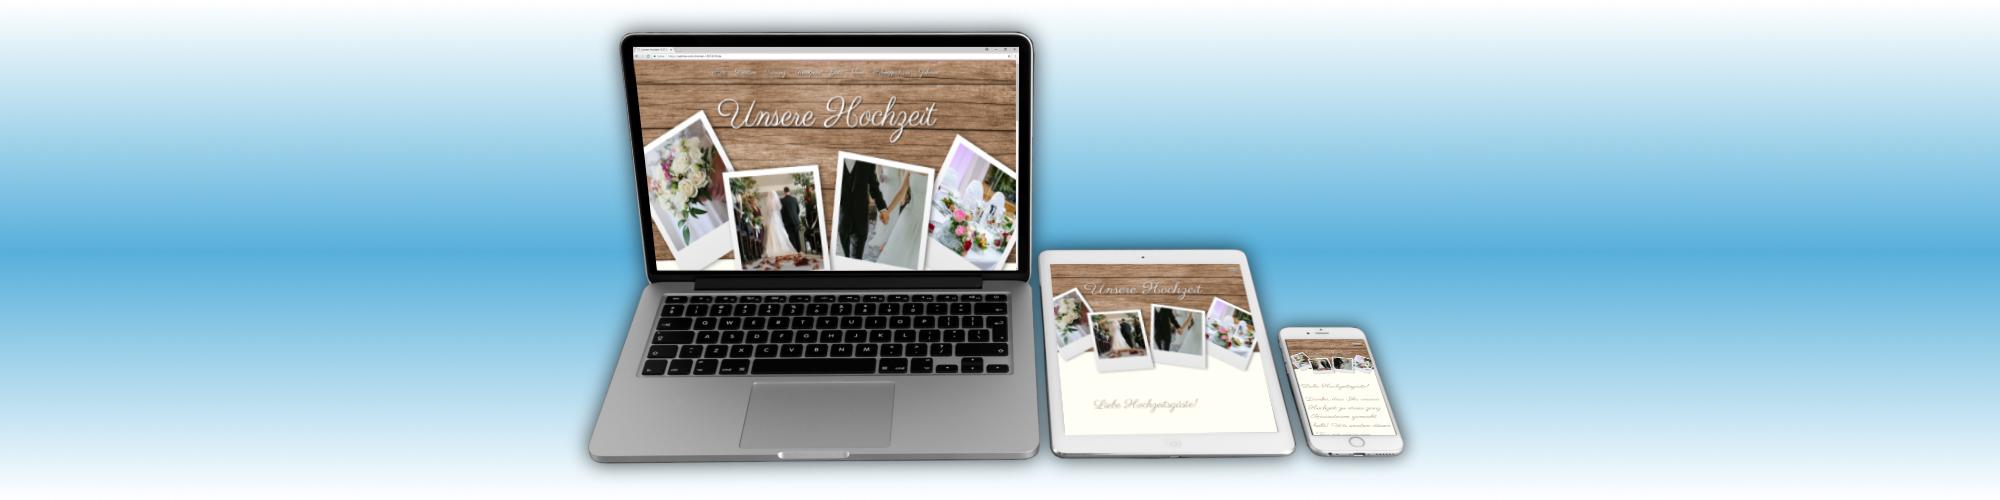 Webdesign für eine private Hochzeitswebseite